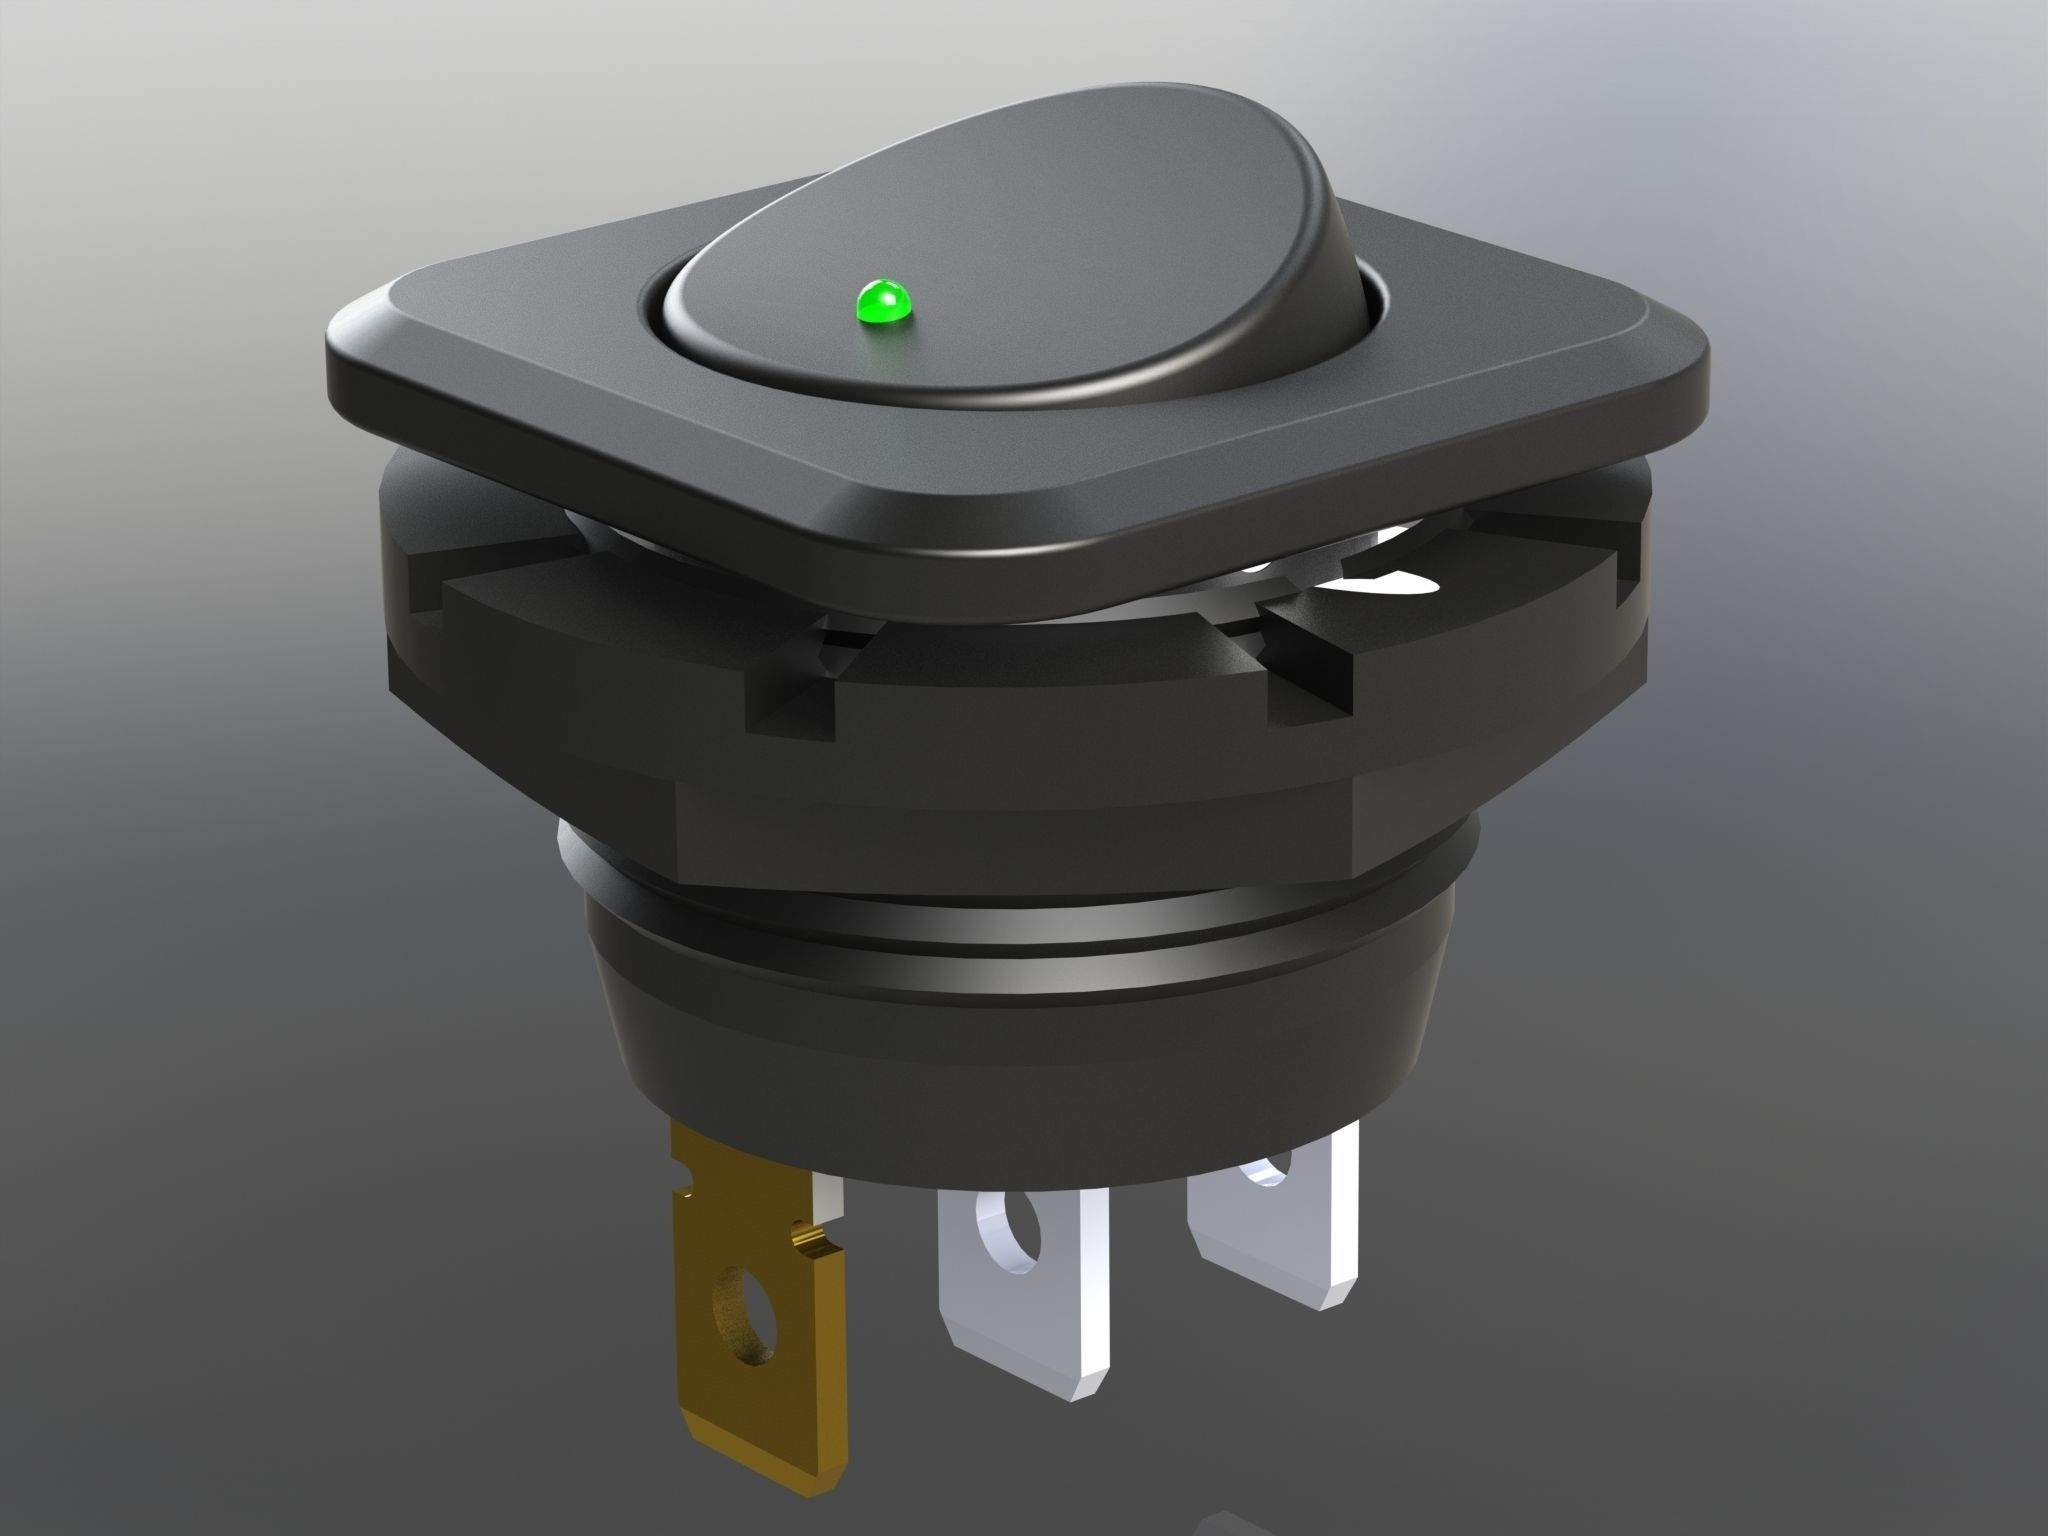 Illuminated Toggle Switch Spst Rocker 12v Lighted Mpjacom Model Sldasm Ige Igs Iges 2048x1536